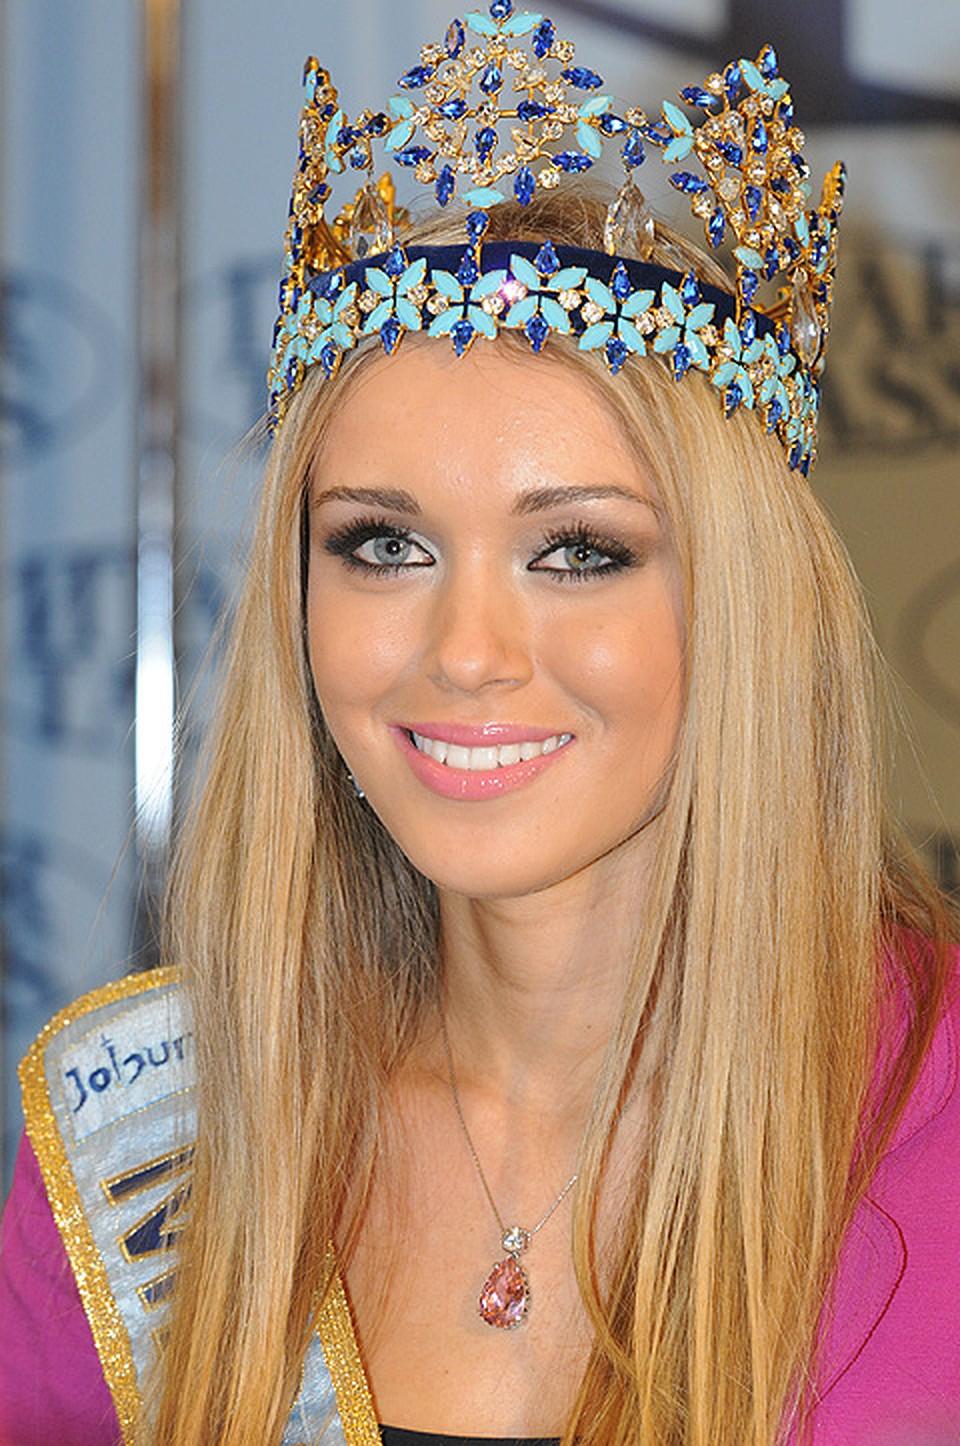 Фото российских королев красоты перед этим